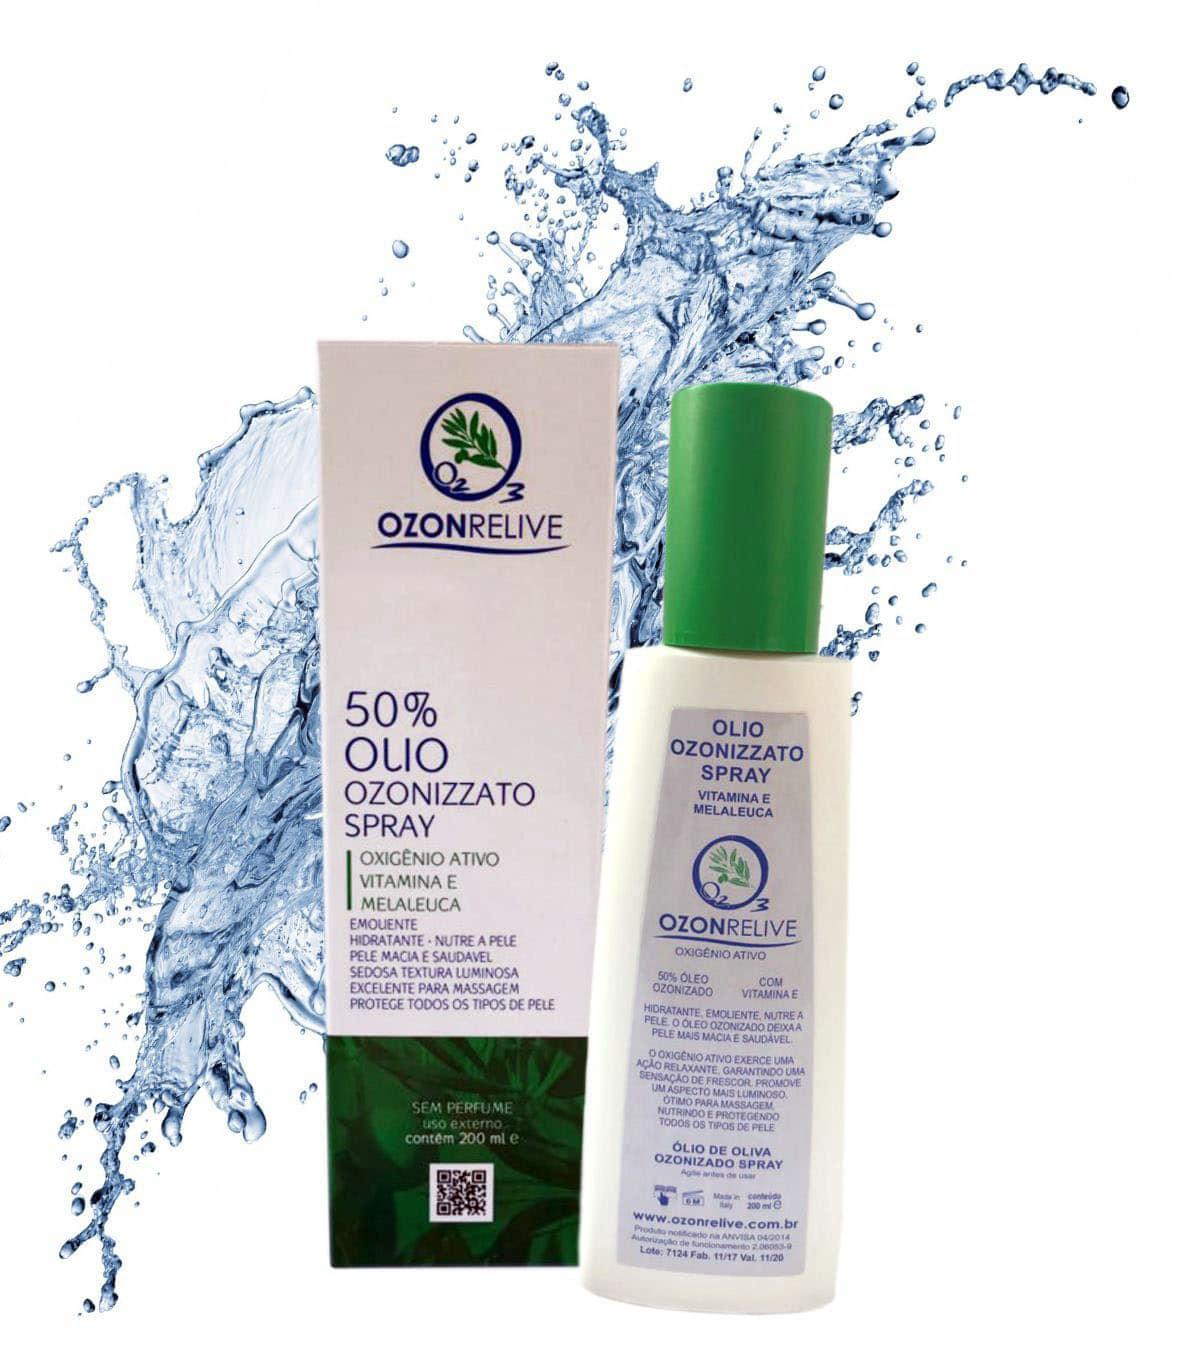 Olio Ozonizzato Spray